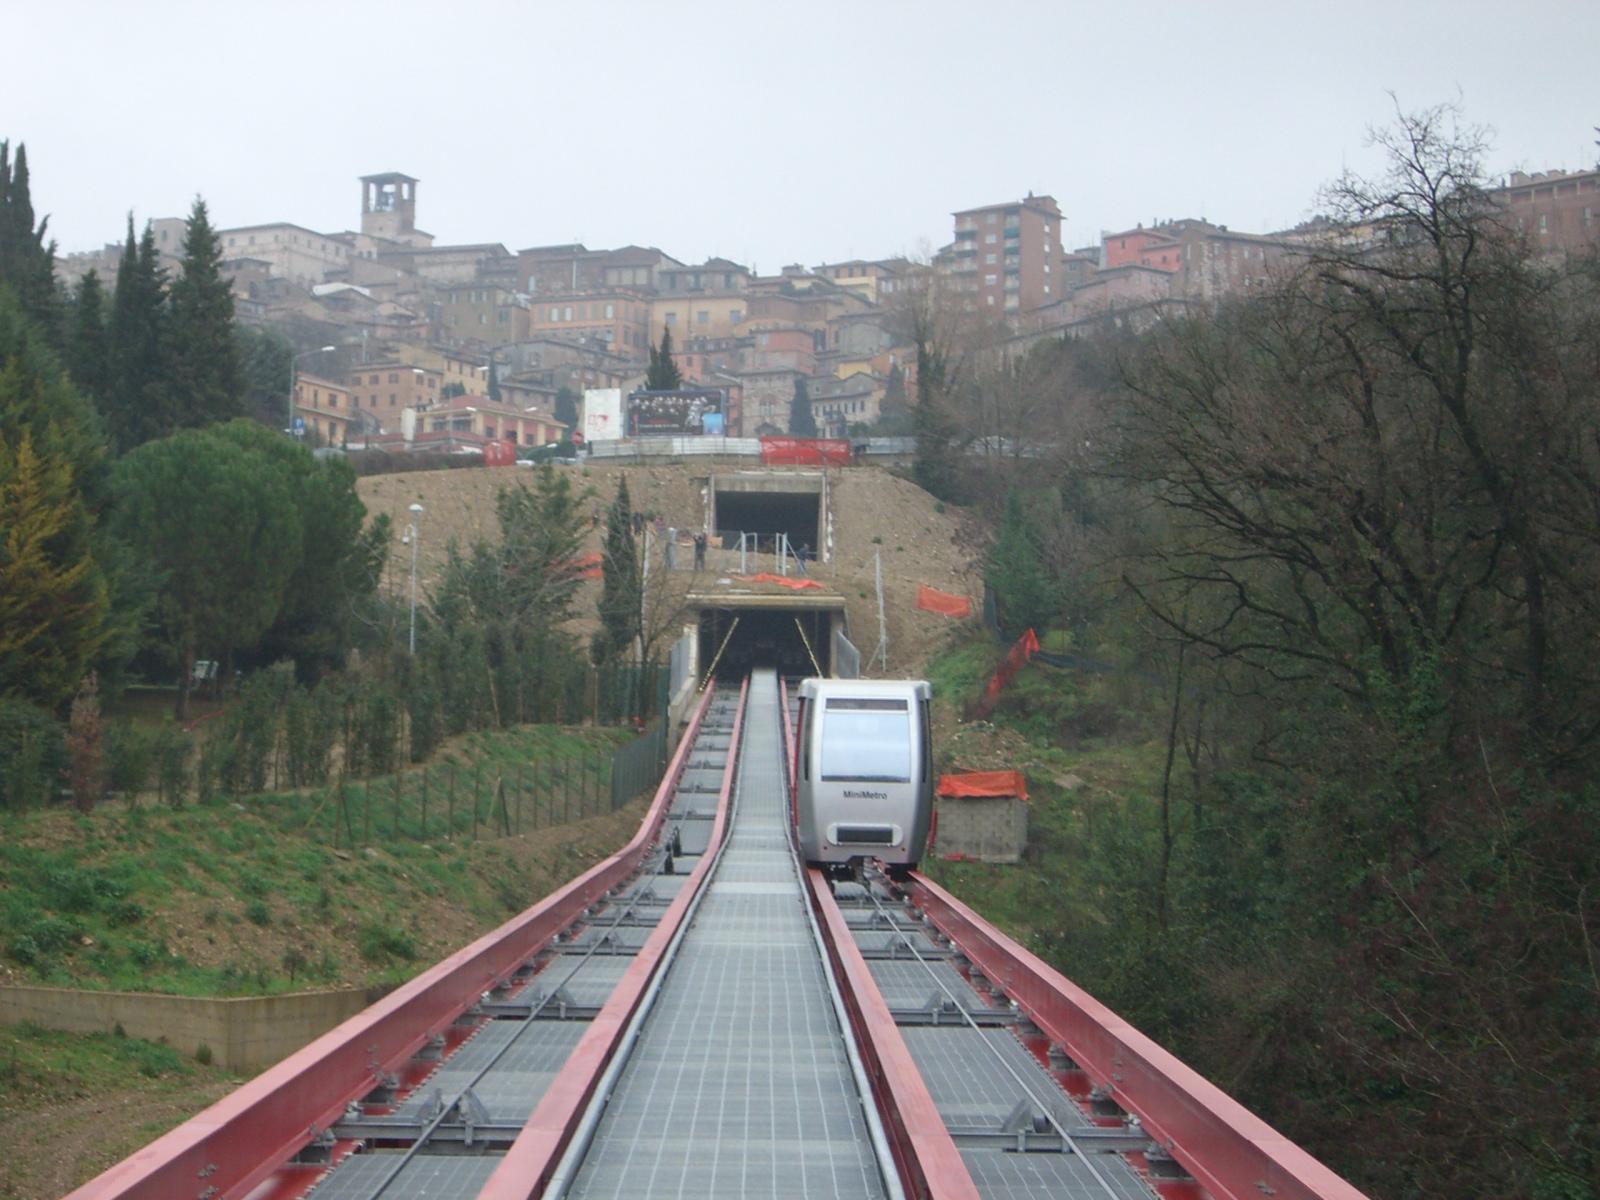 Minimetro - Nét độc đáo của Perugia